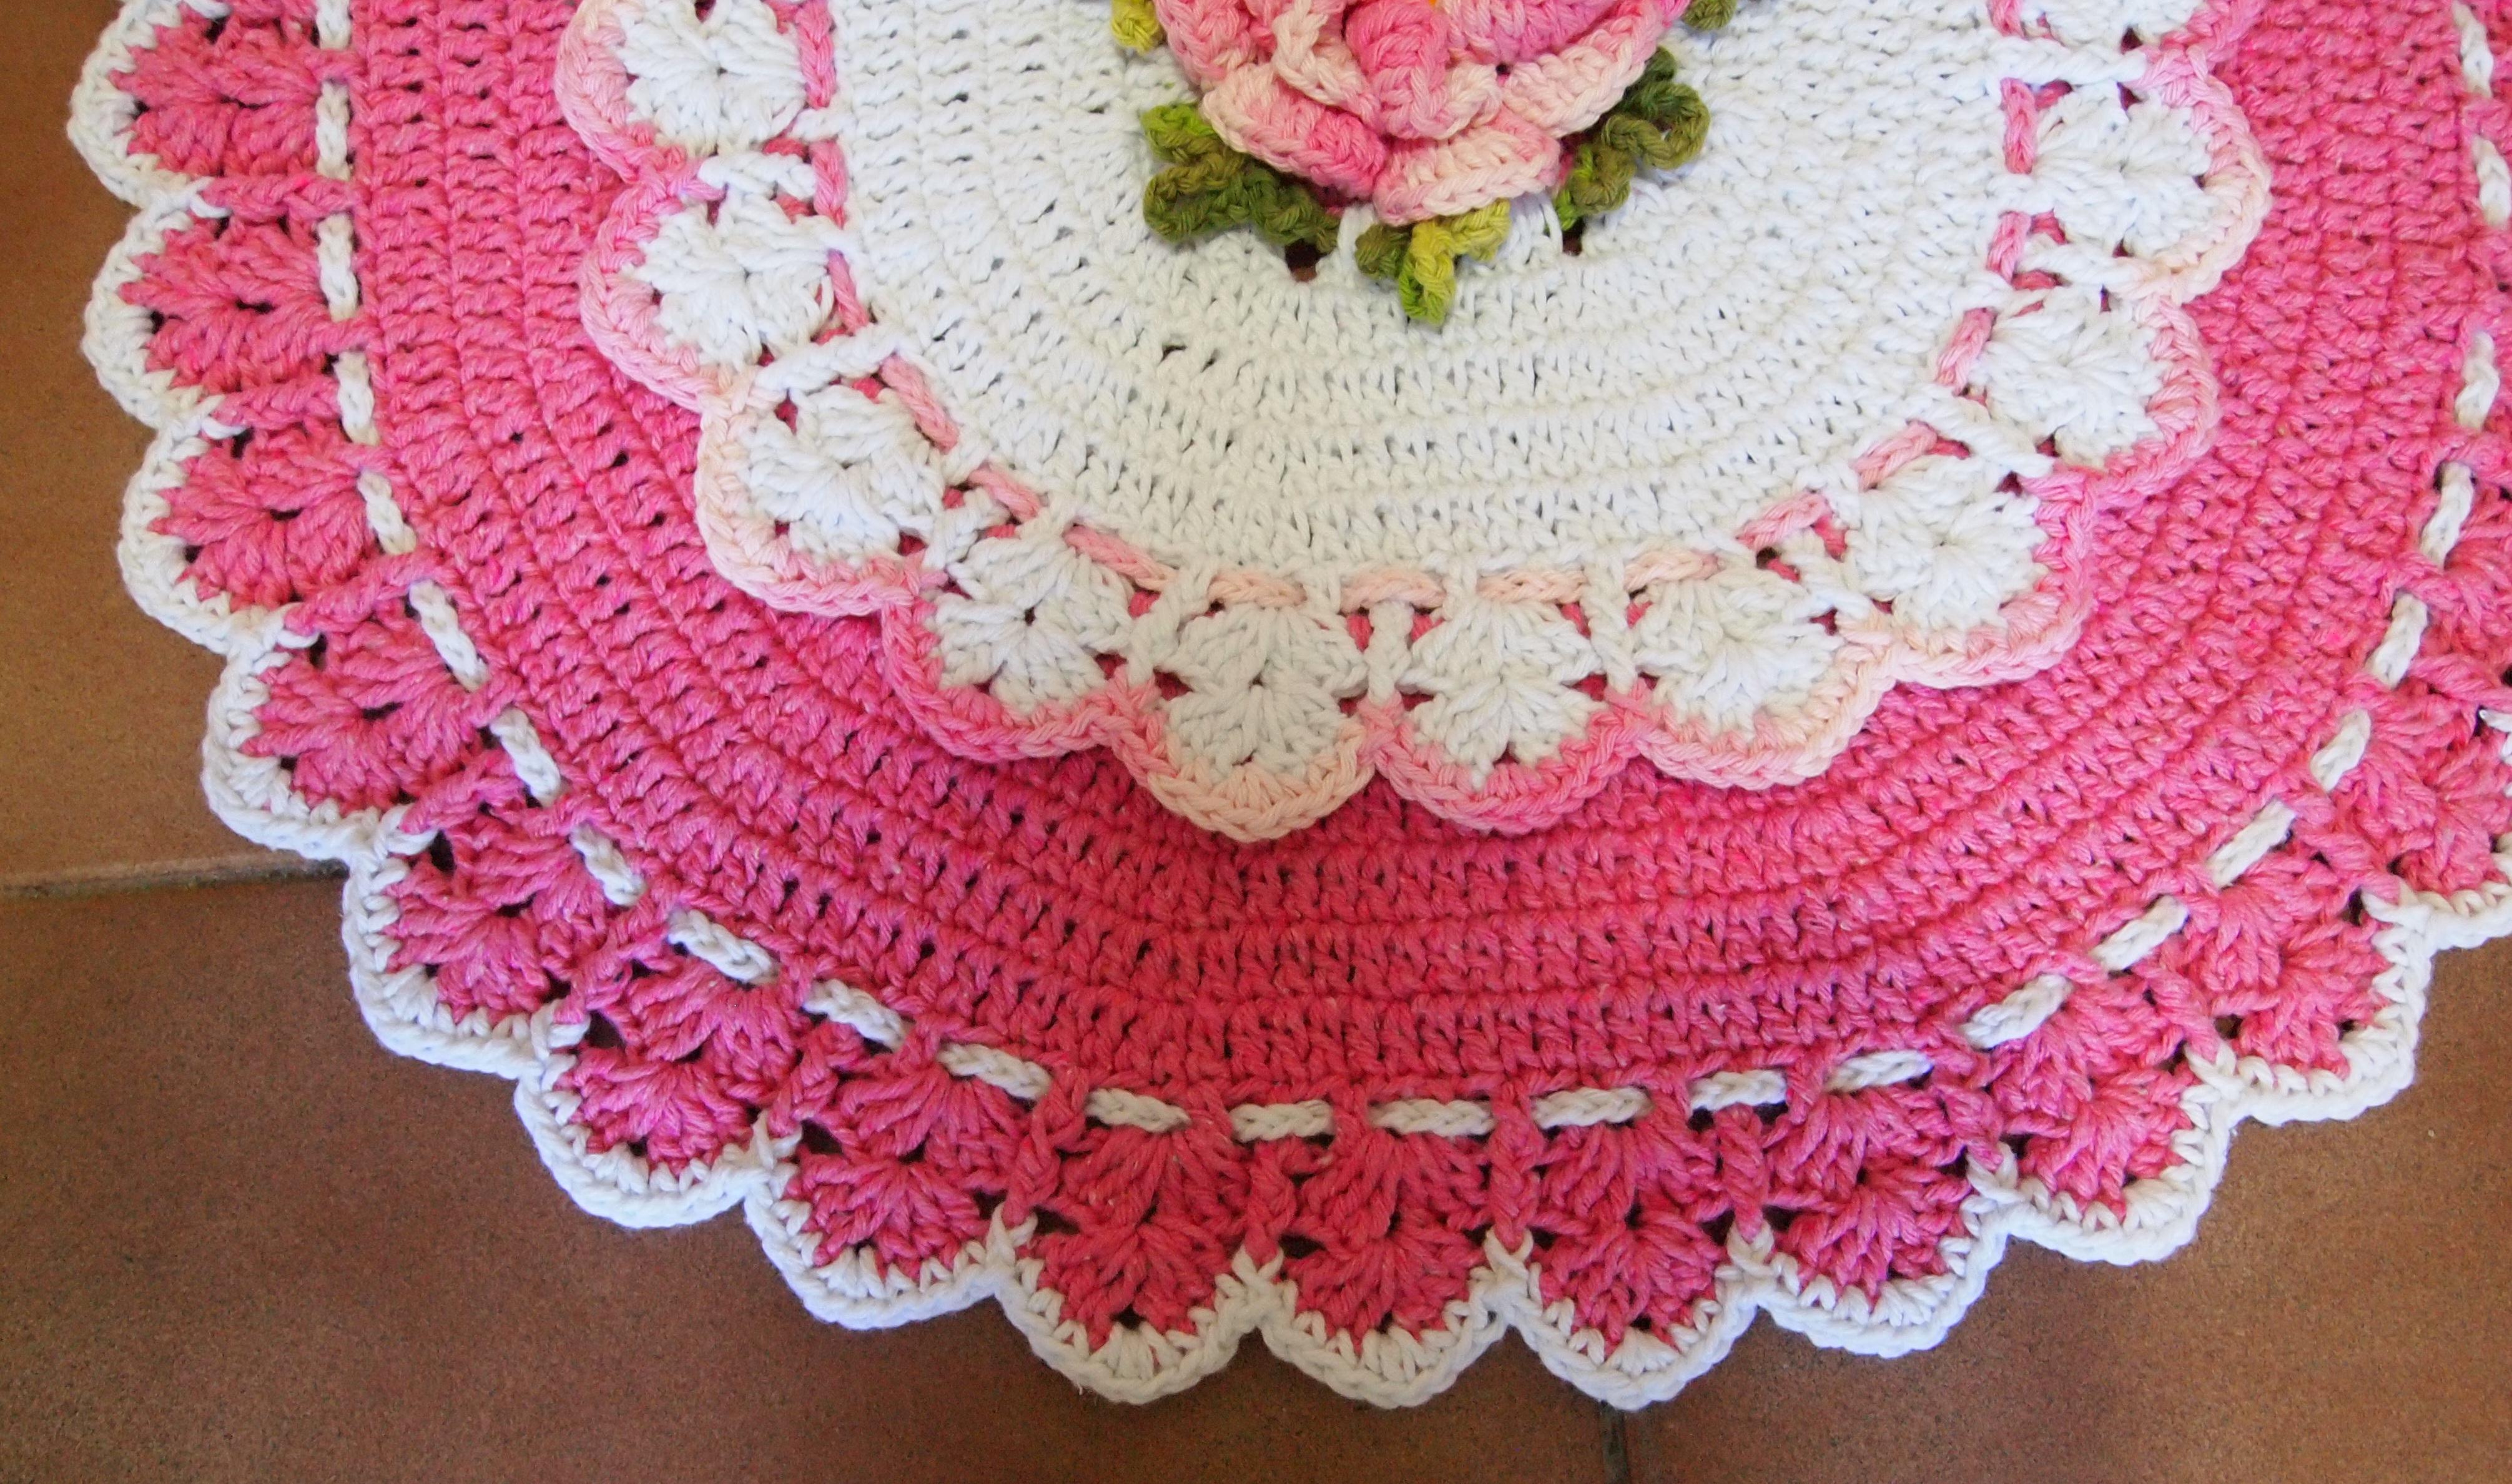 de banheiro rosa e branco babado duplo jogo de banheiro rosa e branco  #A3283D 4023x2377 Banheiro Branco E Rosa